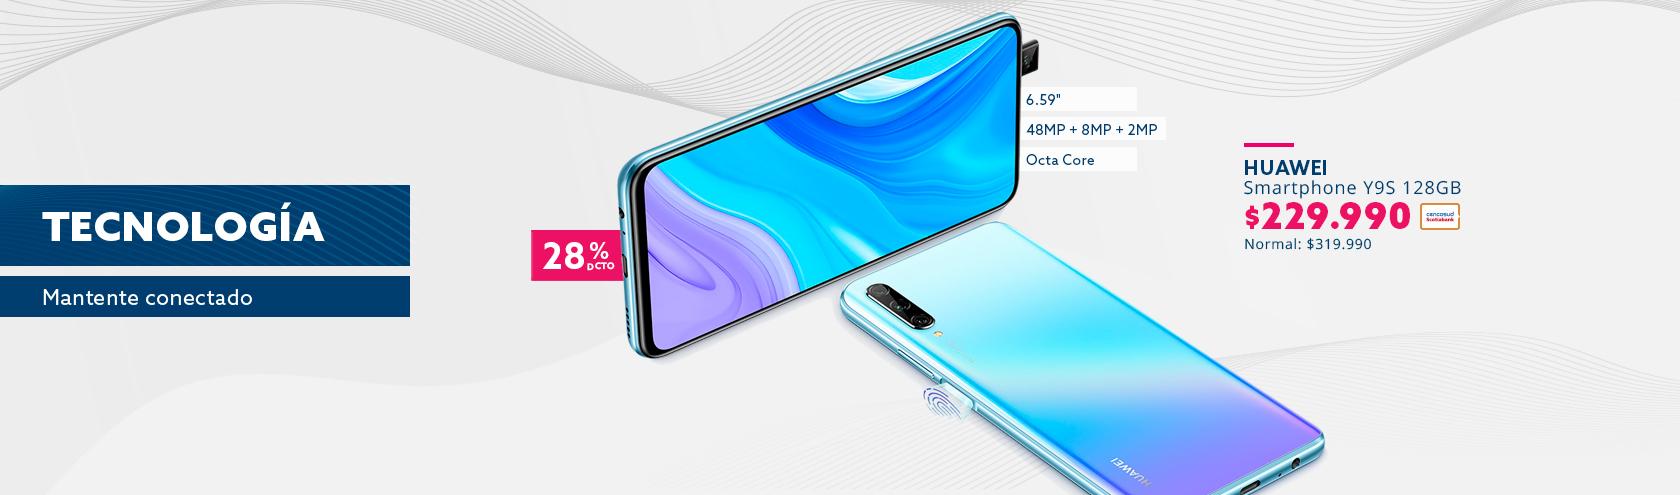 Smartphone Huawei Y9s a $229.990 pagando con Tarjeta Cencosud